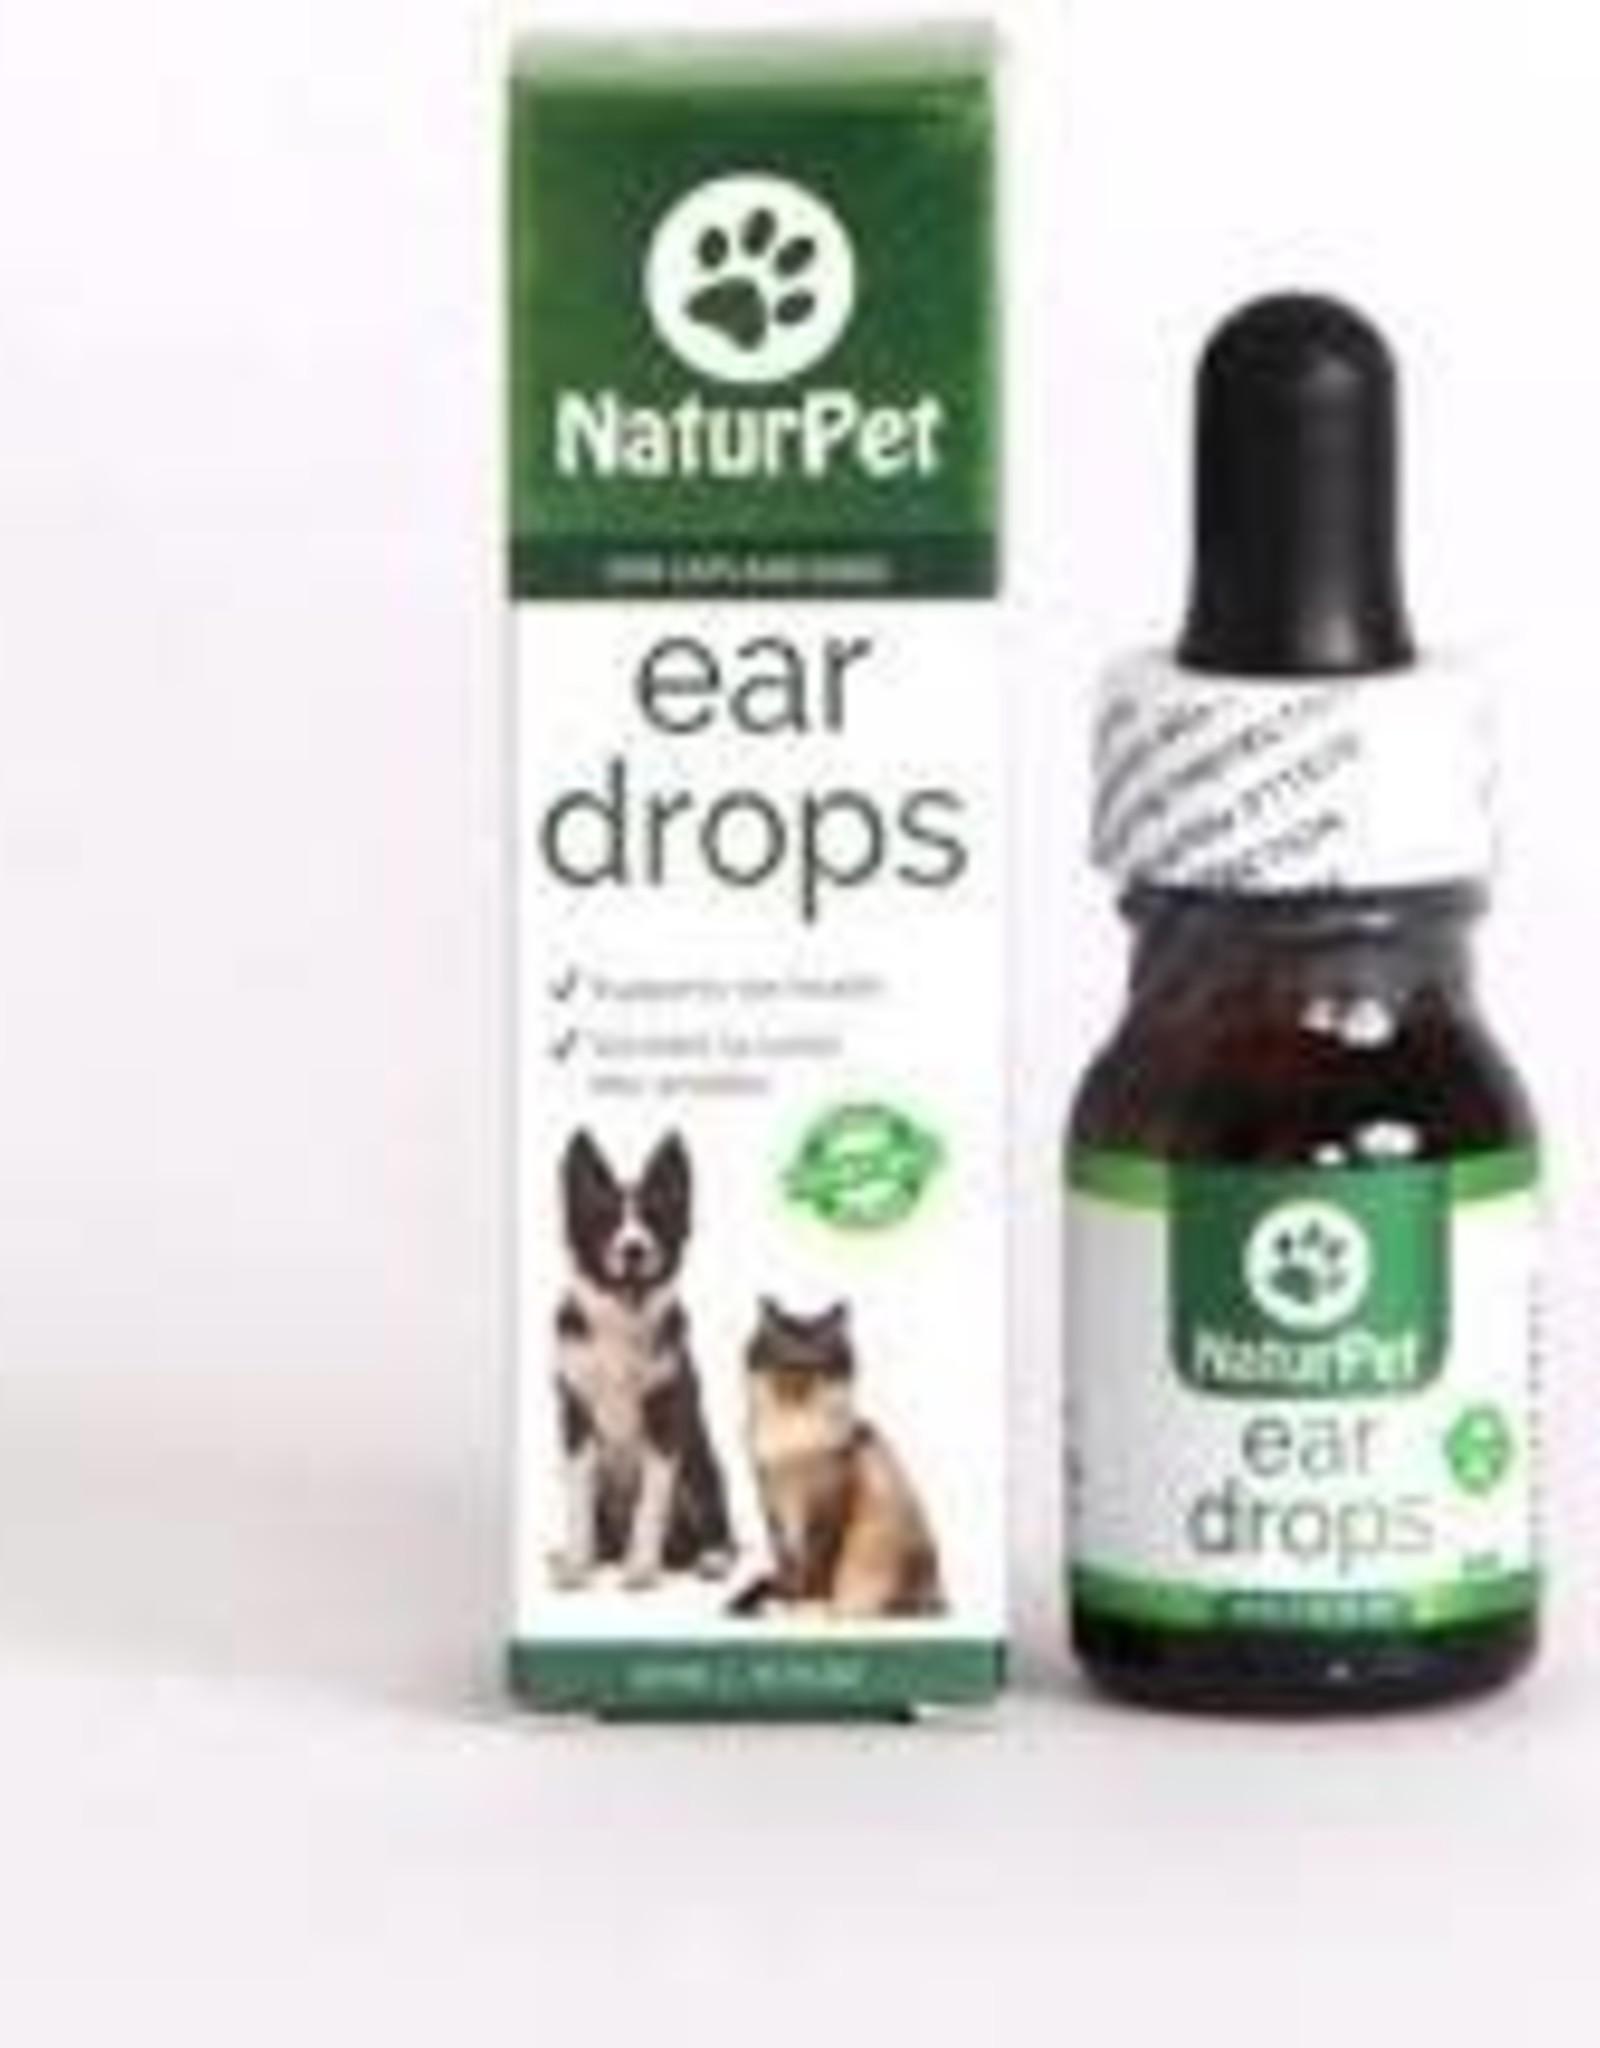 NaturePet NaturPet Ear Drops 10 ml